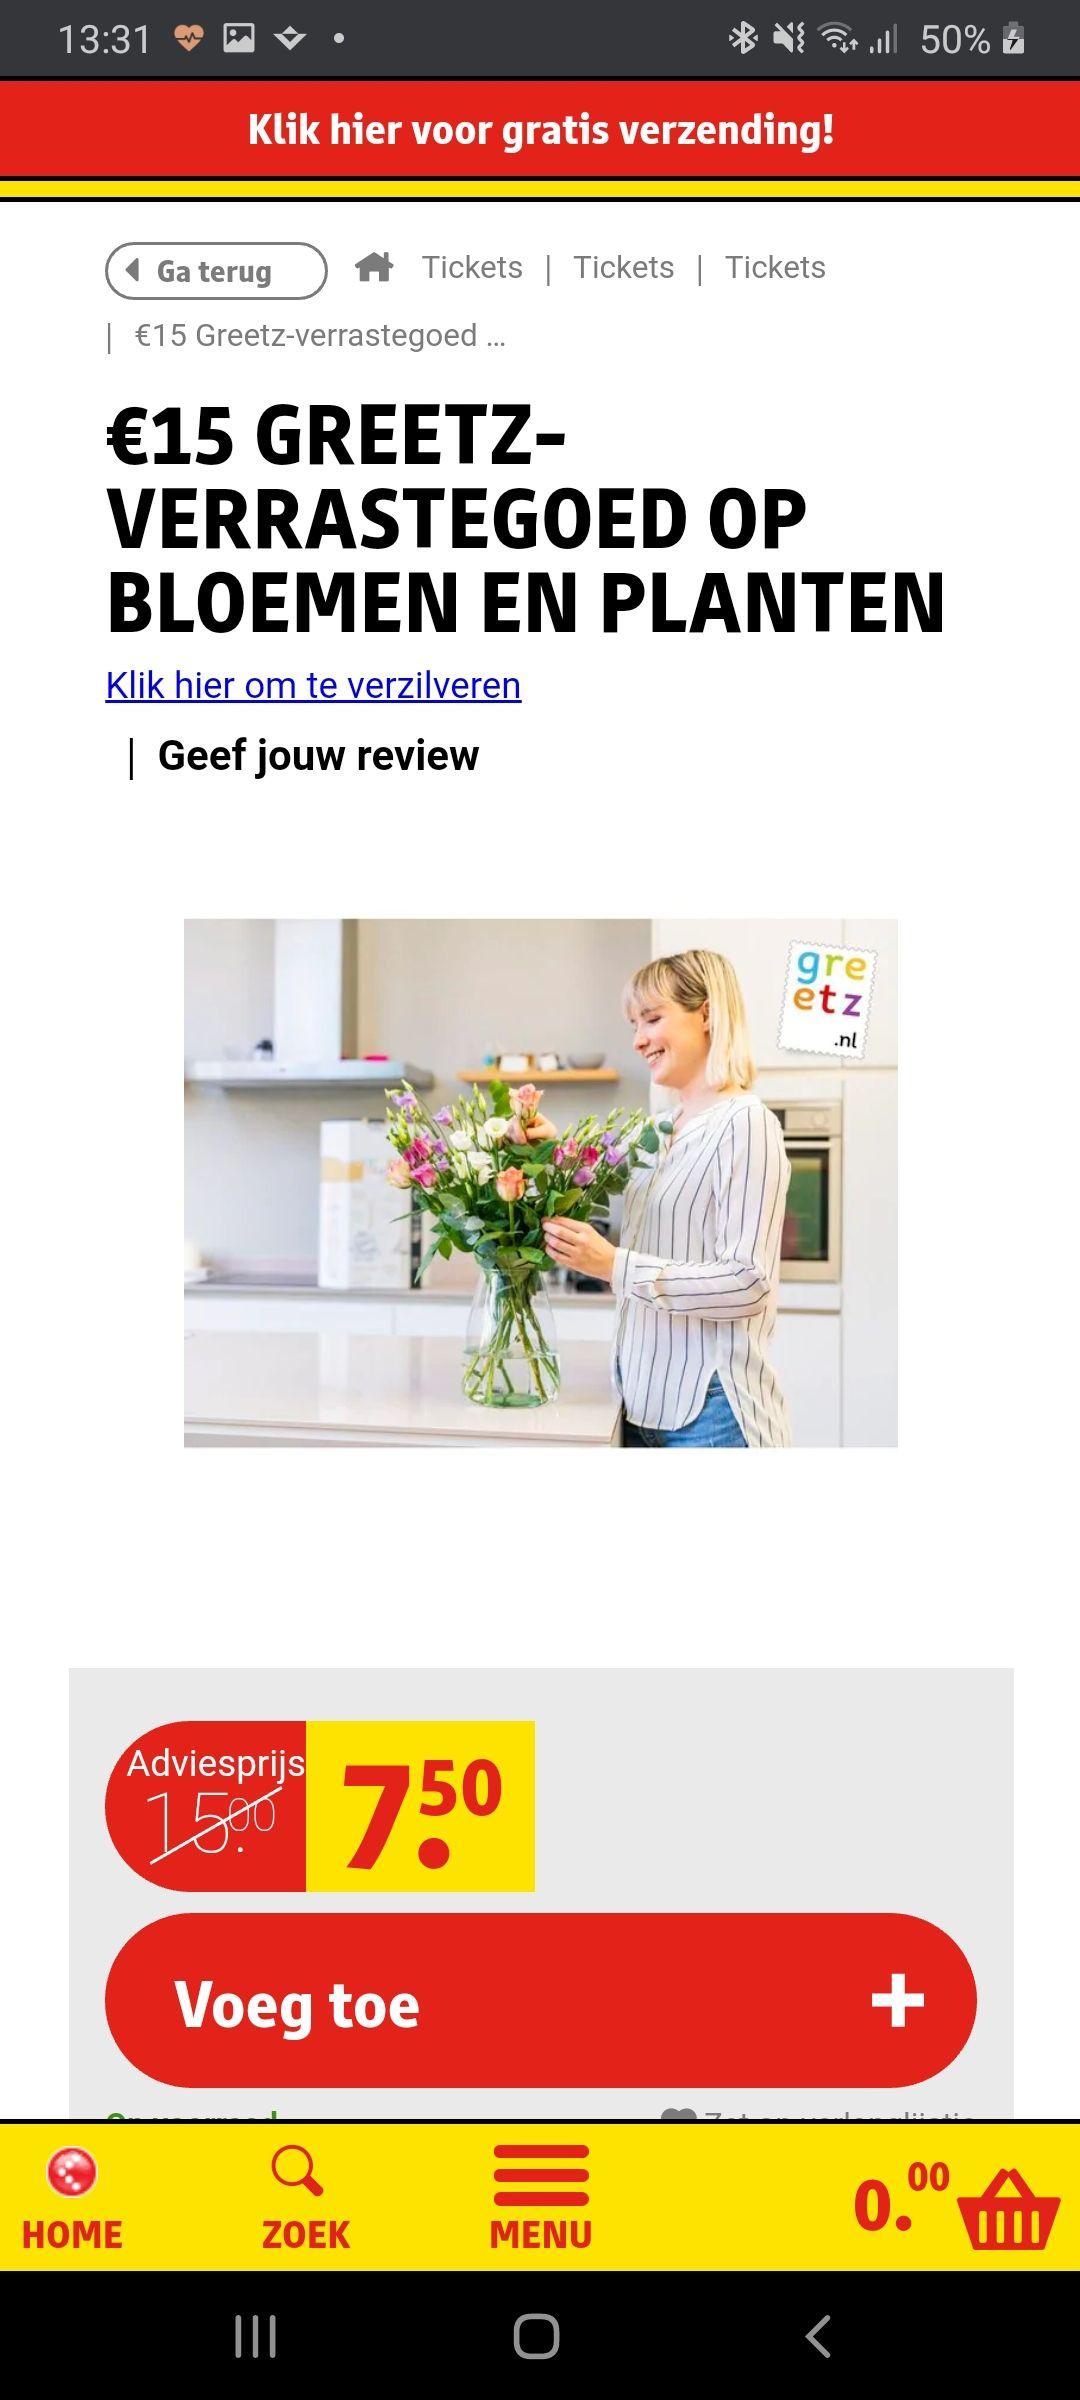 €15 Greetz Verrastegoed op bloemen en planten @Kruidvat